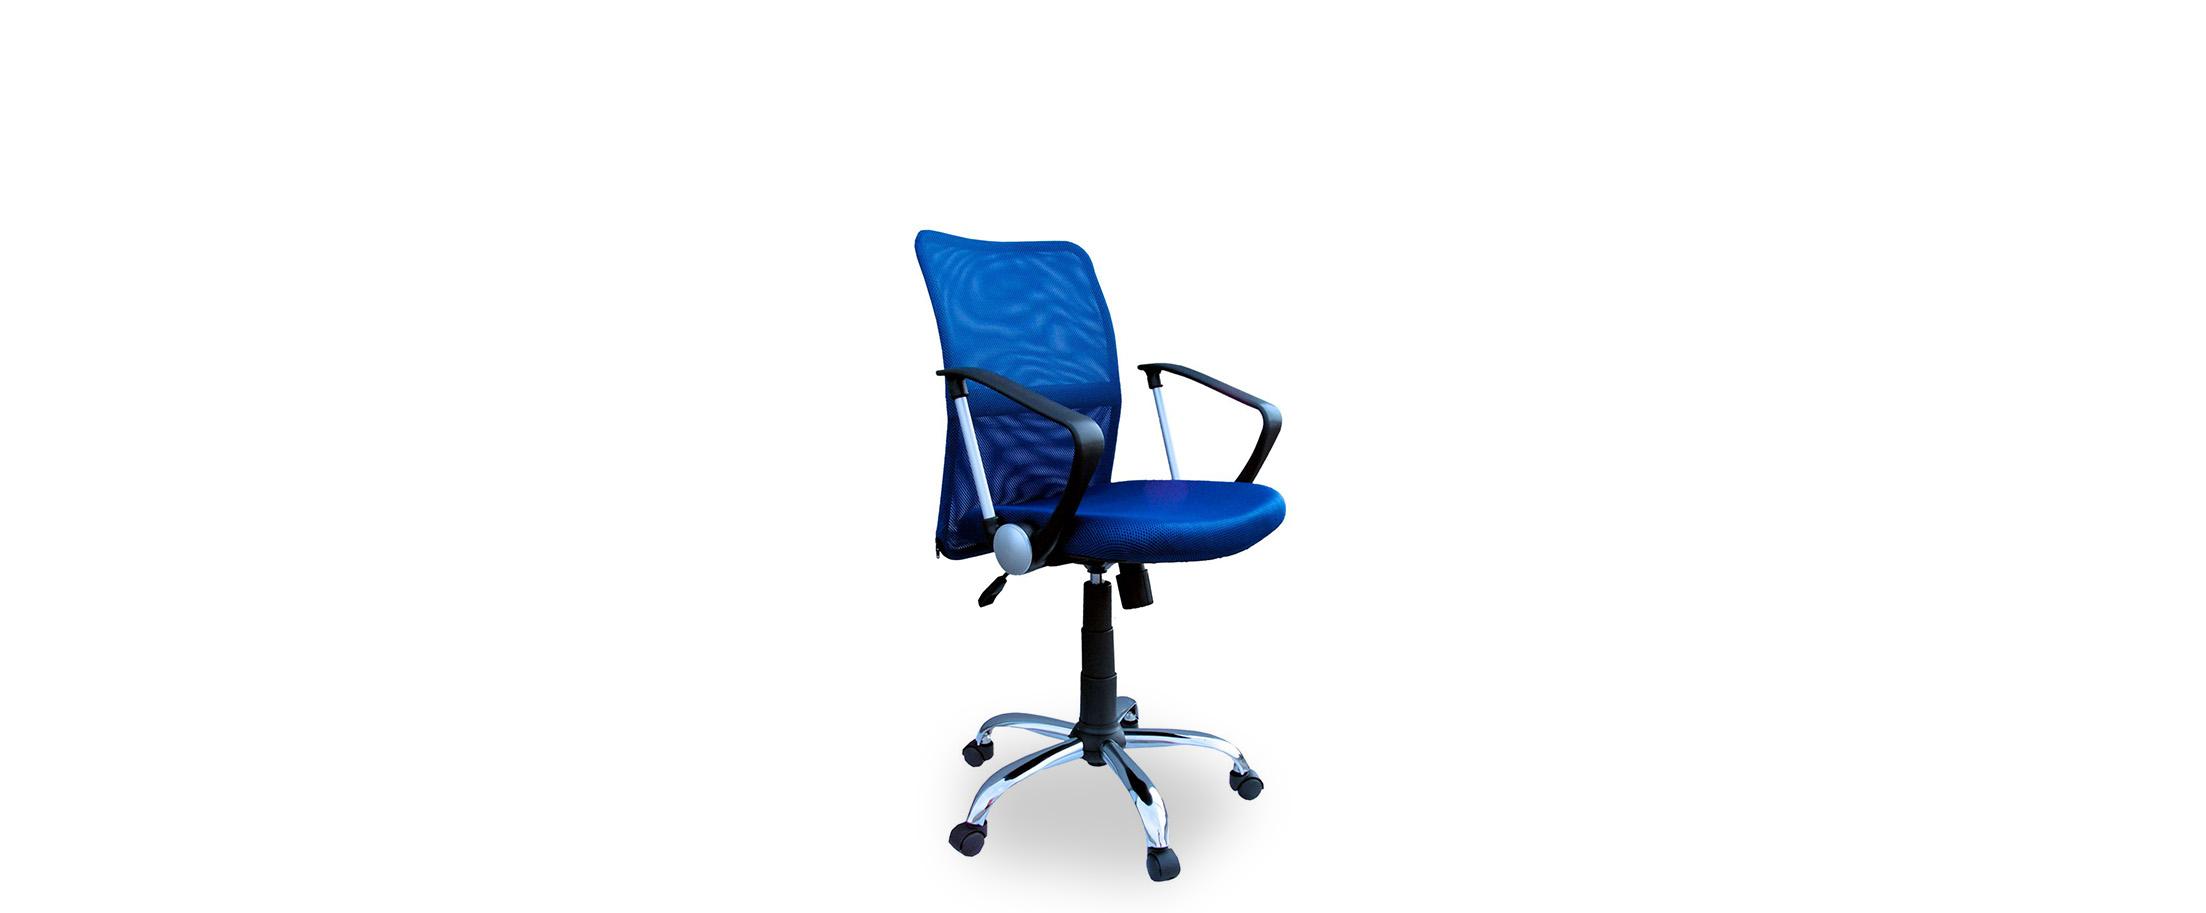 Кресло офисное Трикс Т-502 Модель 376Механизм подъёма и опускания: газ-лифт. Крестовина из хромированного металла. Максимальная нагрузка 120 кг. Доставка от 1 дня. Купить синее кресло в интернет-магазине MOON TRADE.<br><br>Ширина см: 49<br>Глубина см: 49<br>Высота см: 91<br>Цвет: Синий